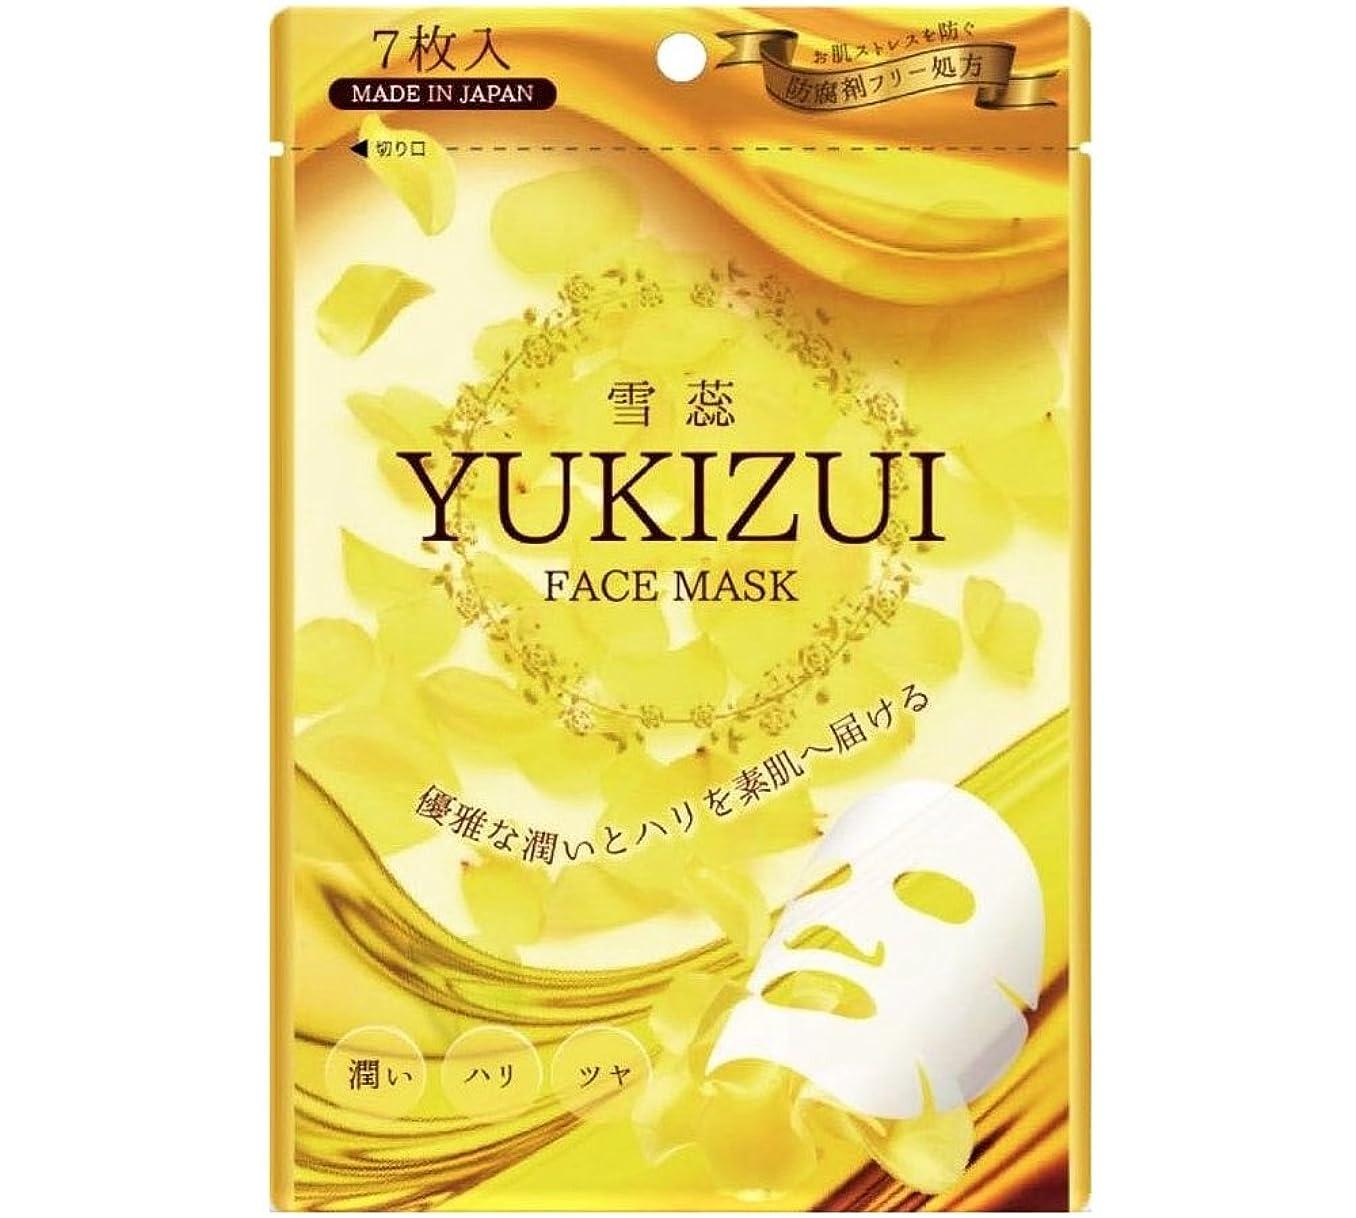 リス衝撃詩人雪蕊 YUKIZUI フェイスマスク 防腐剤フリー 天然コットン使用でふんわり密着感 7枚入